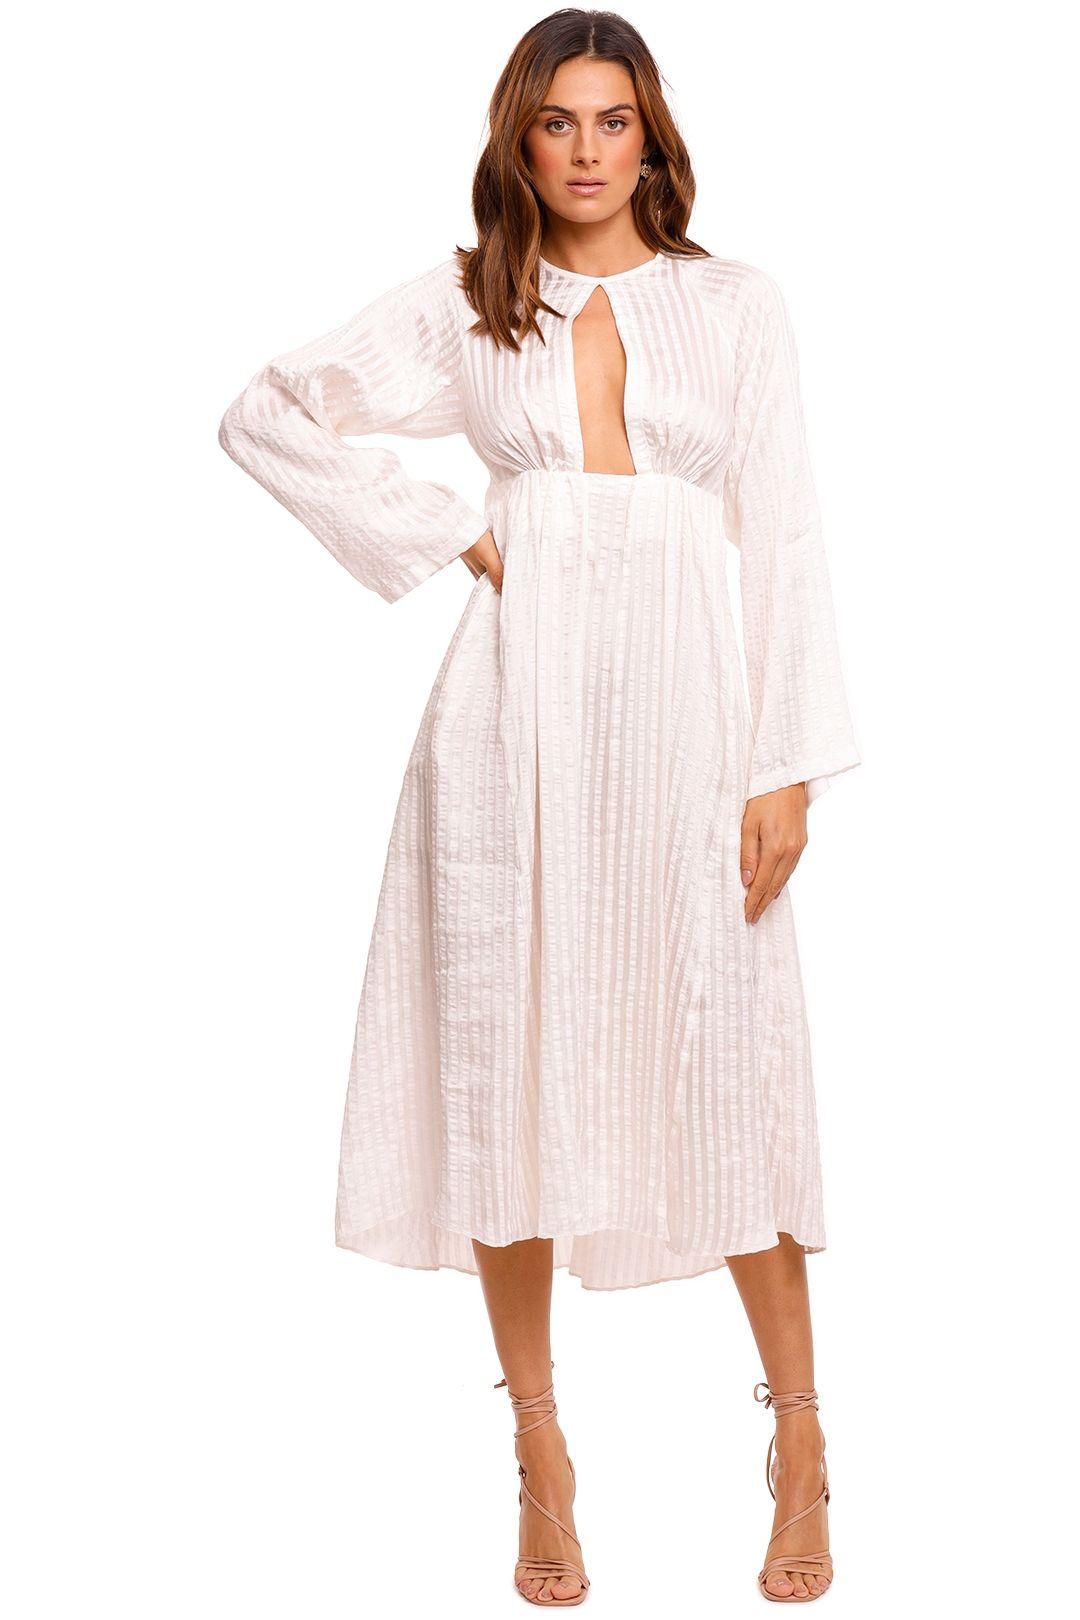 KITX Biofuel Future Dress